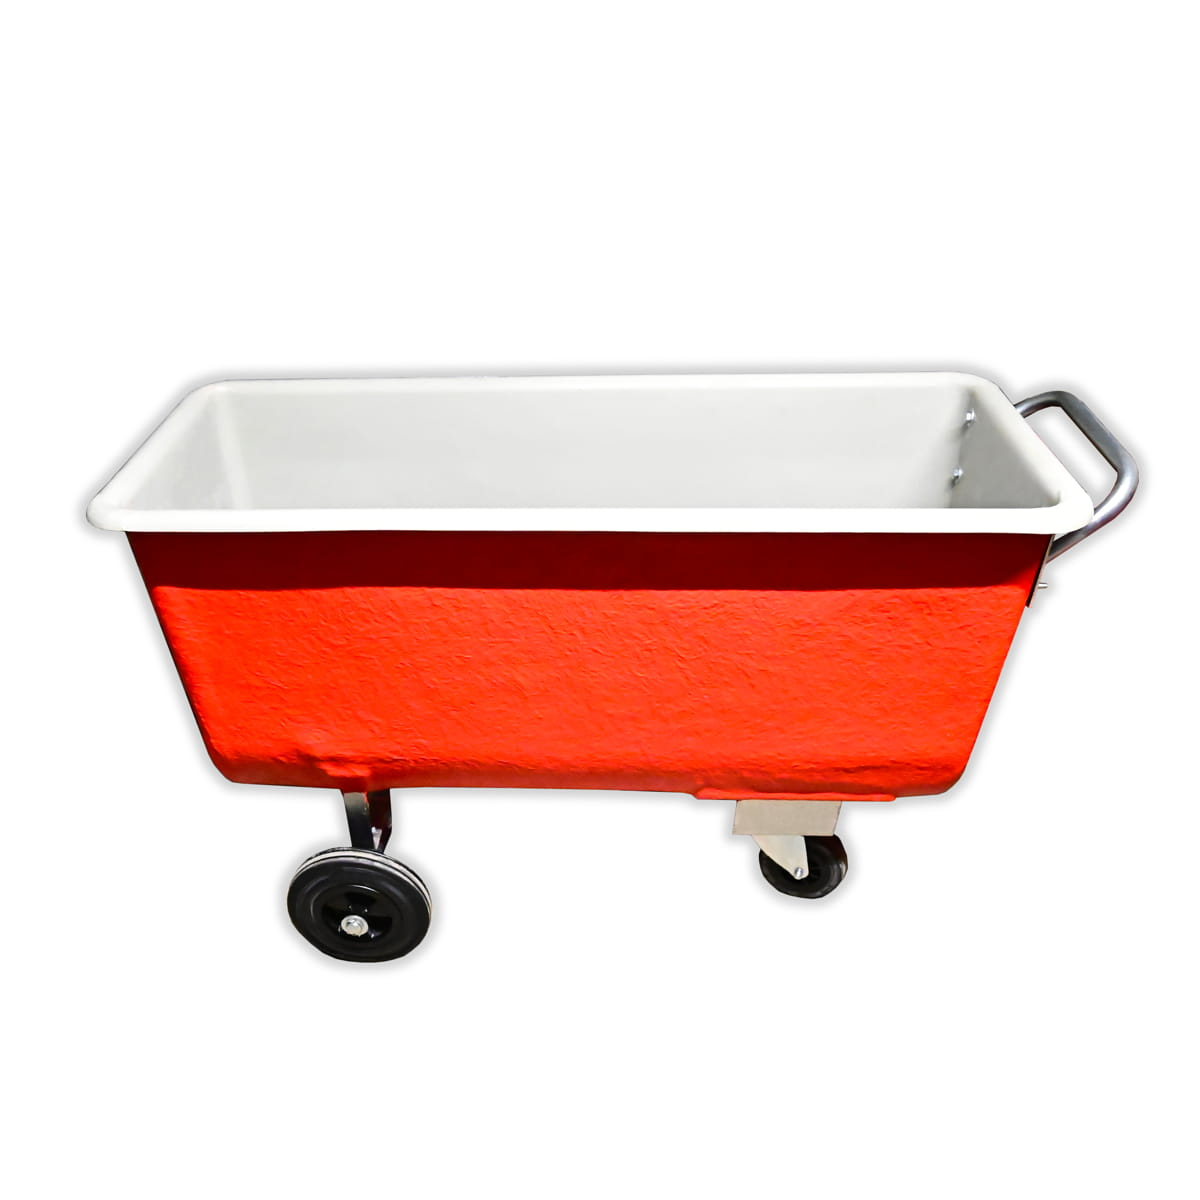 vagoneta de poliester naranja de tres ruedas